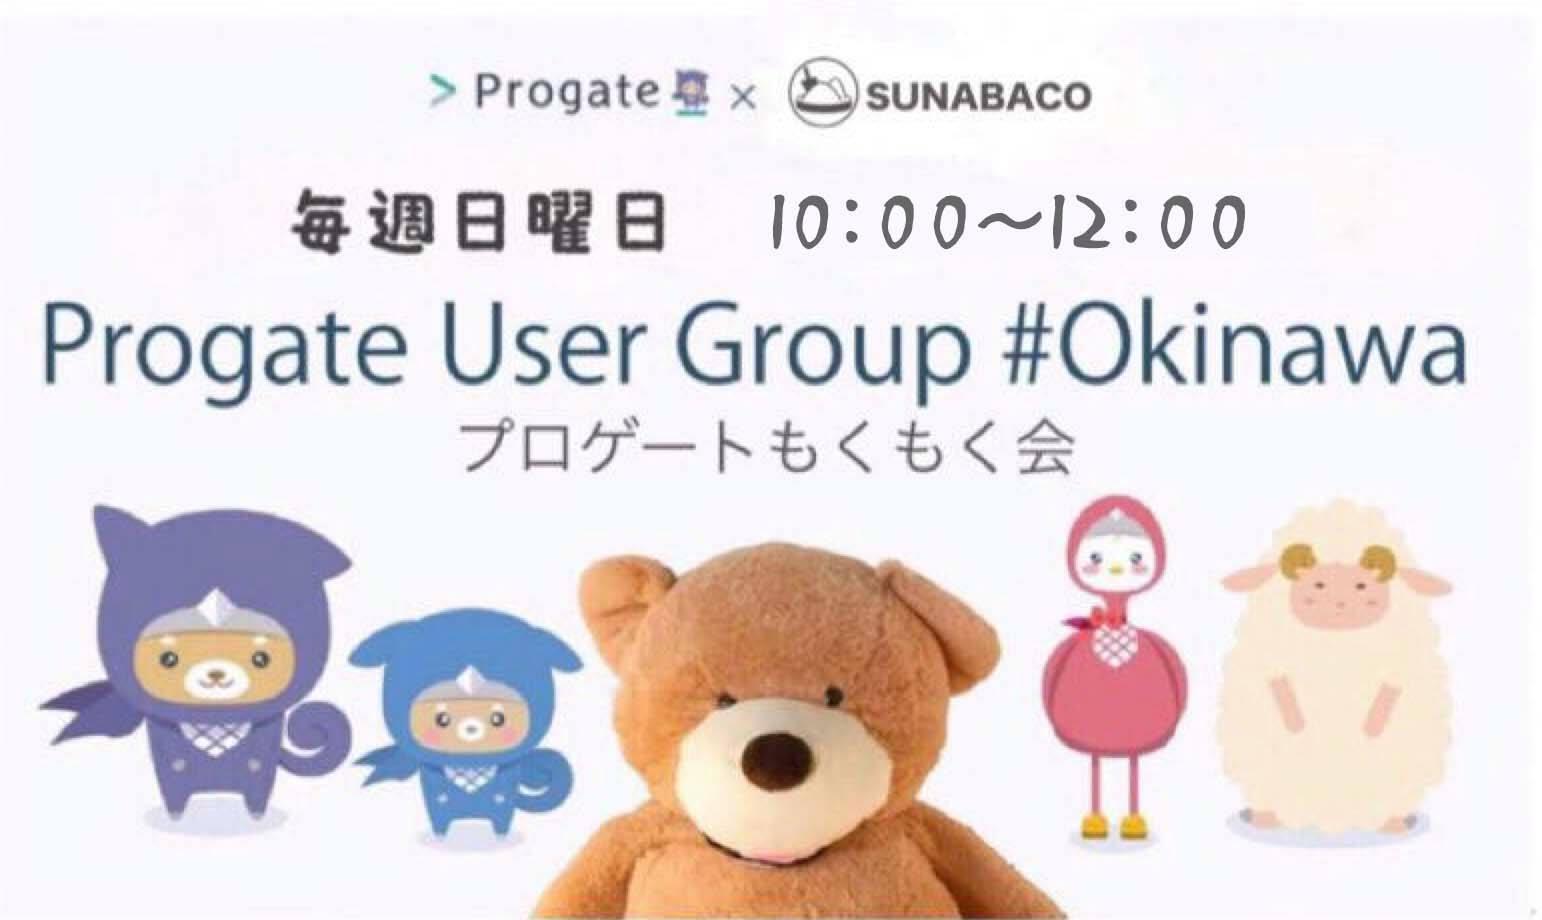 「SUNABACO KOZA」の日曜日の朝は、プロゲートもくもく会!グループトップを目指せ!